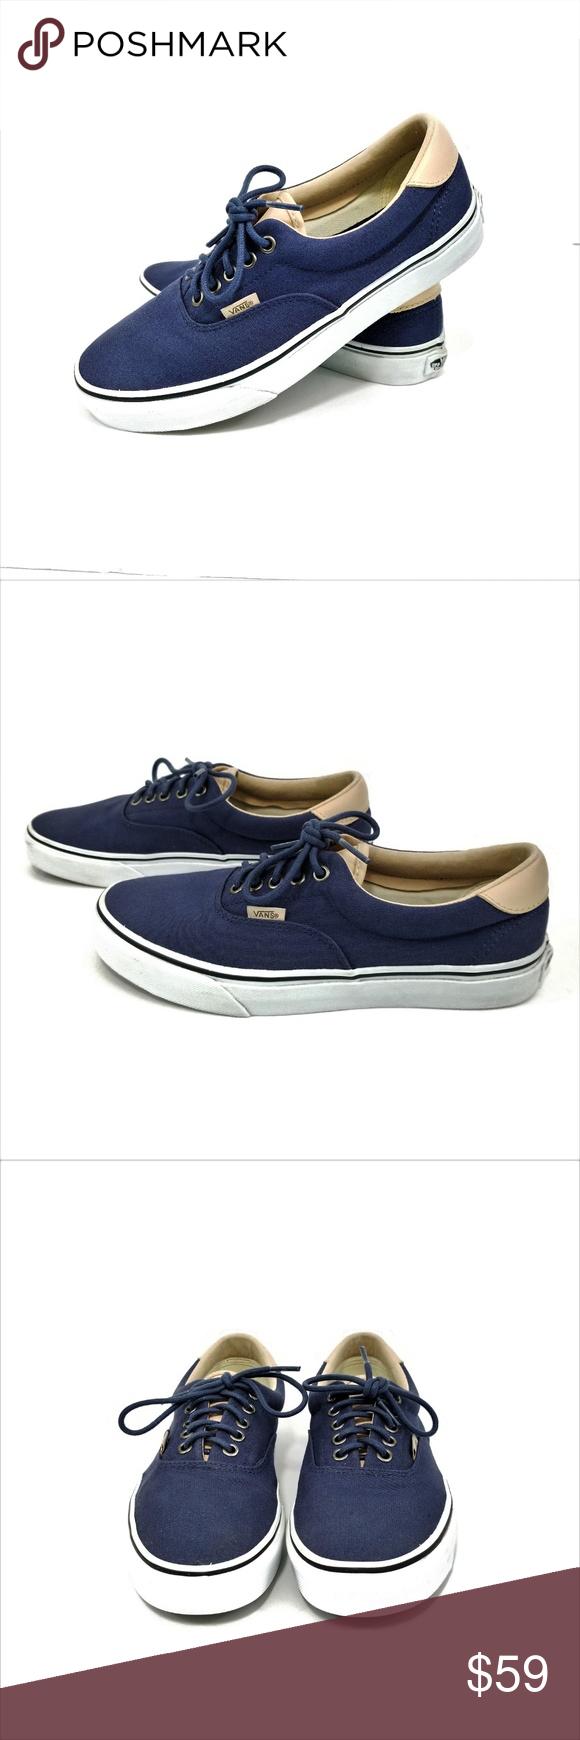 59bd88a6ed HOST PICK!!! Vans Navy Era 59 Sneakers Skate Shoes Vans Era 59 ...